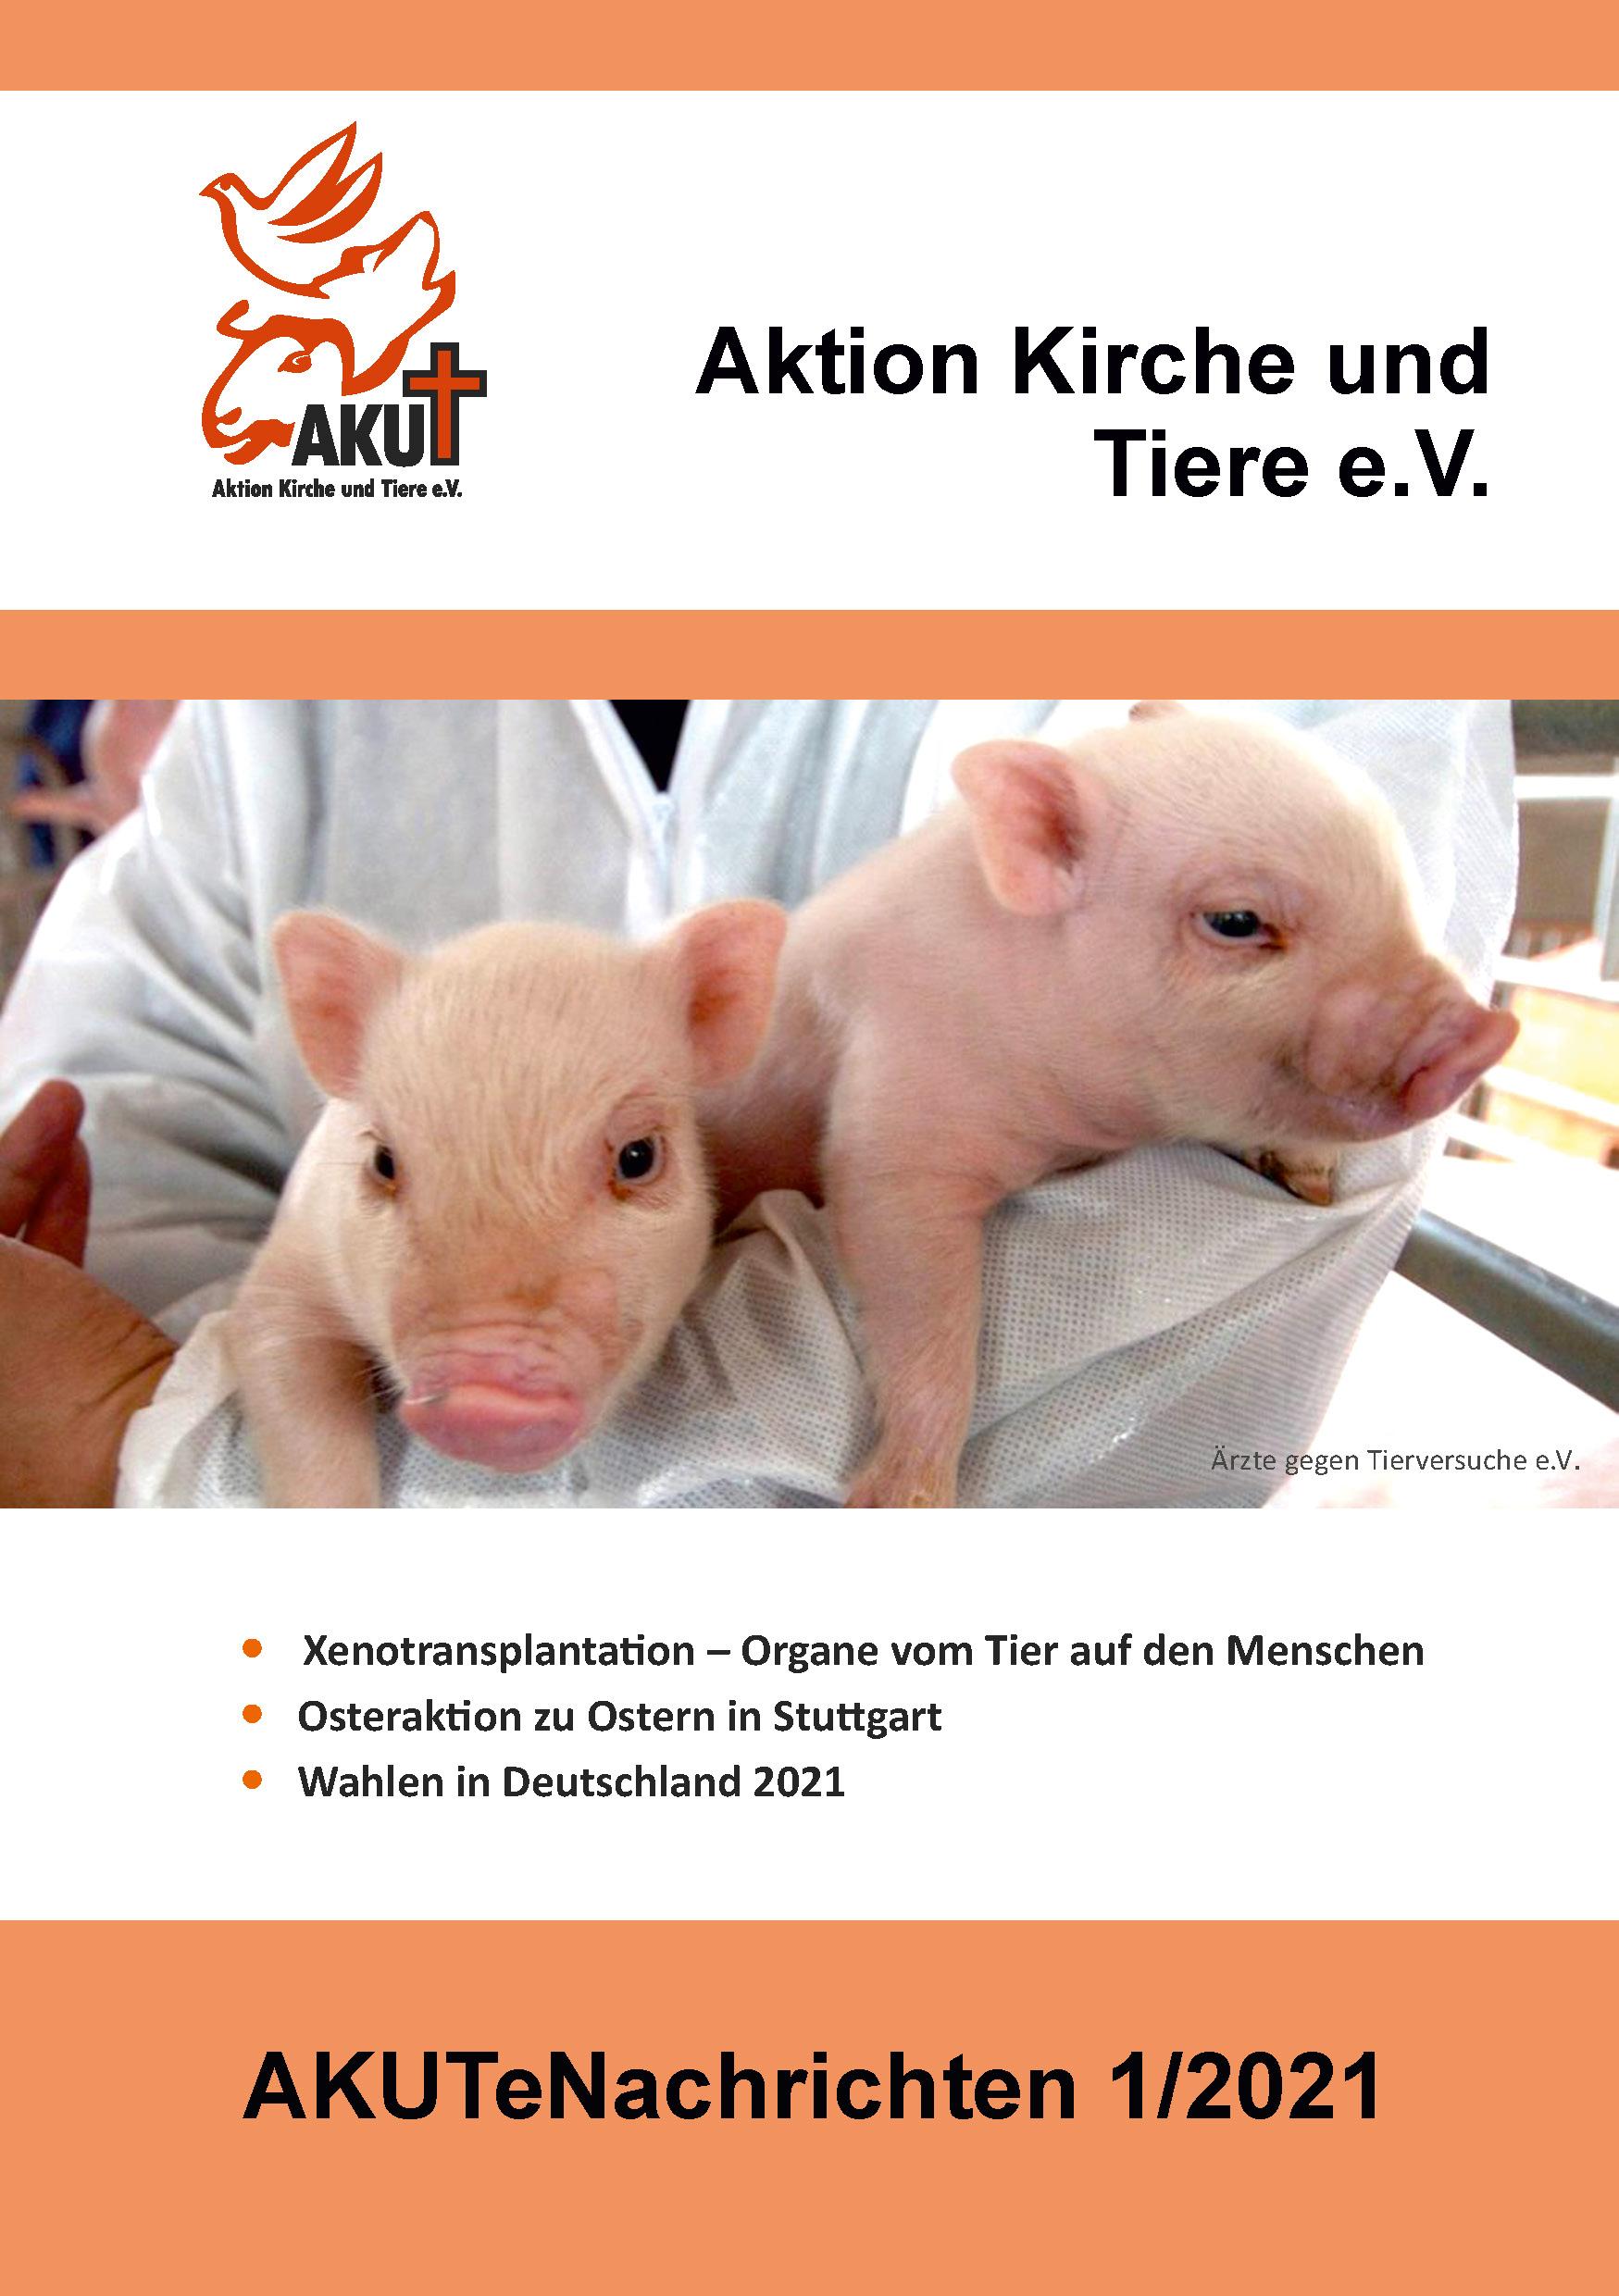 Bild Titelseite AKUTeNachrichten 1/2021